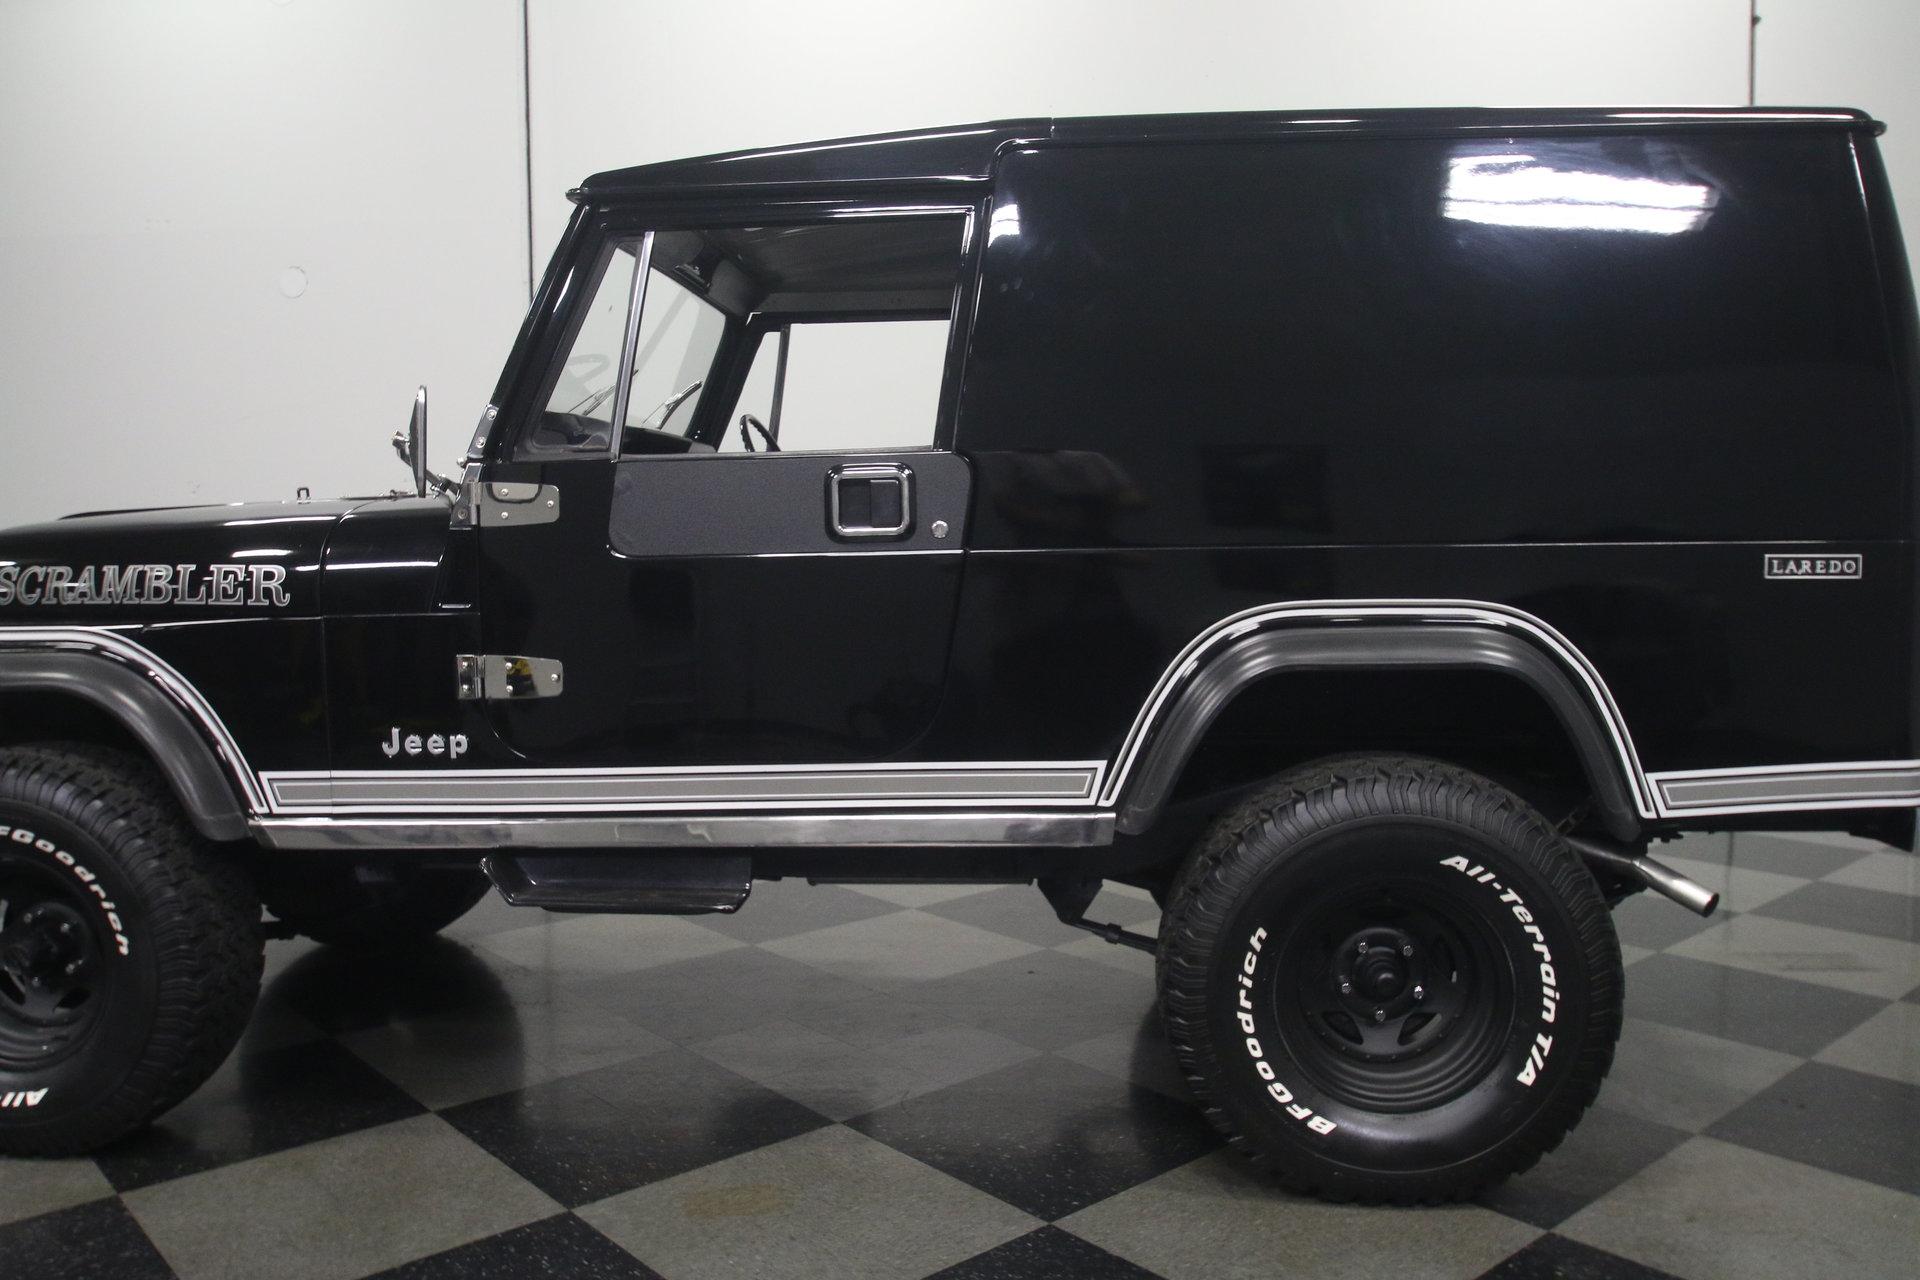 1984 Cj8 Black Scrambler Wiring Harness Jeep Streetside Classics The Nations Trusted Classic 1920x1280